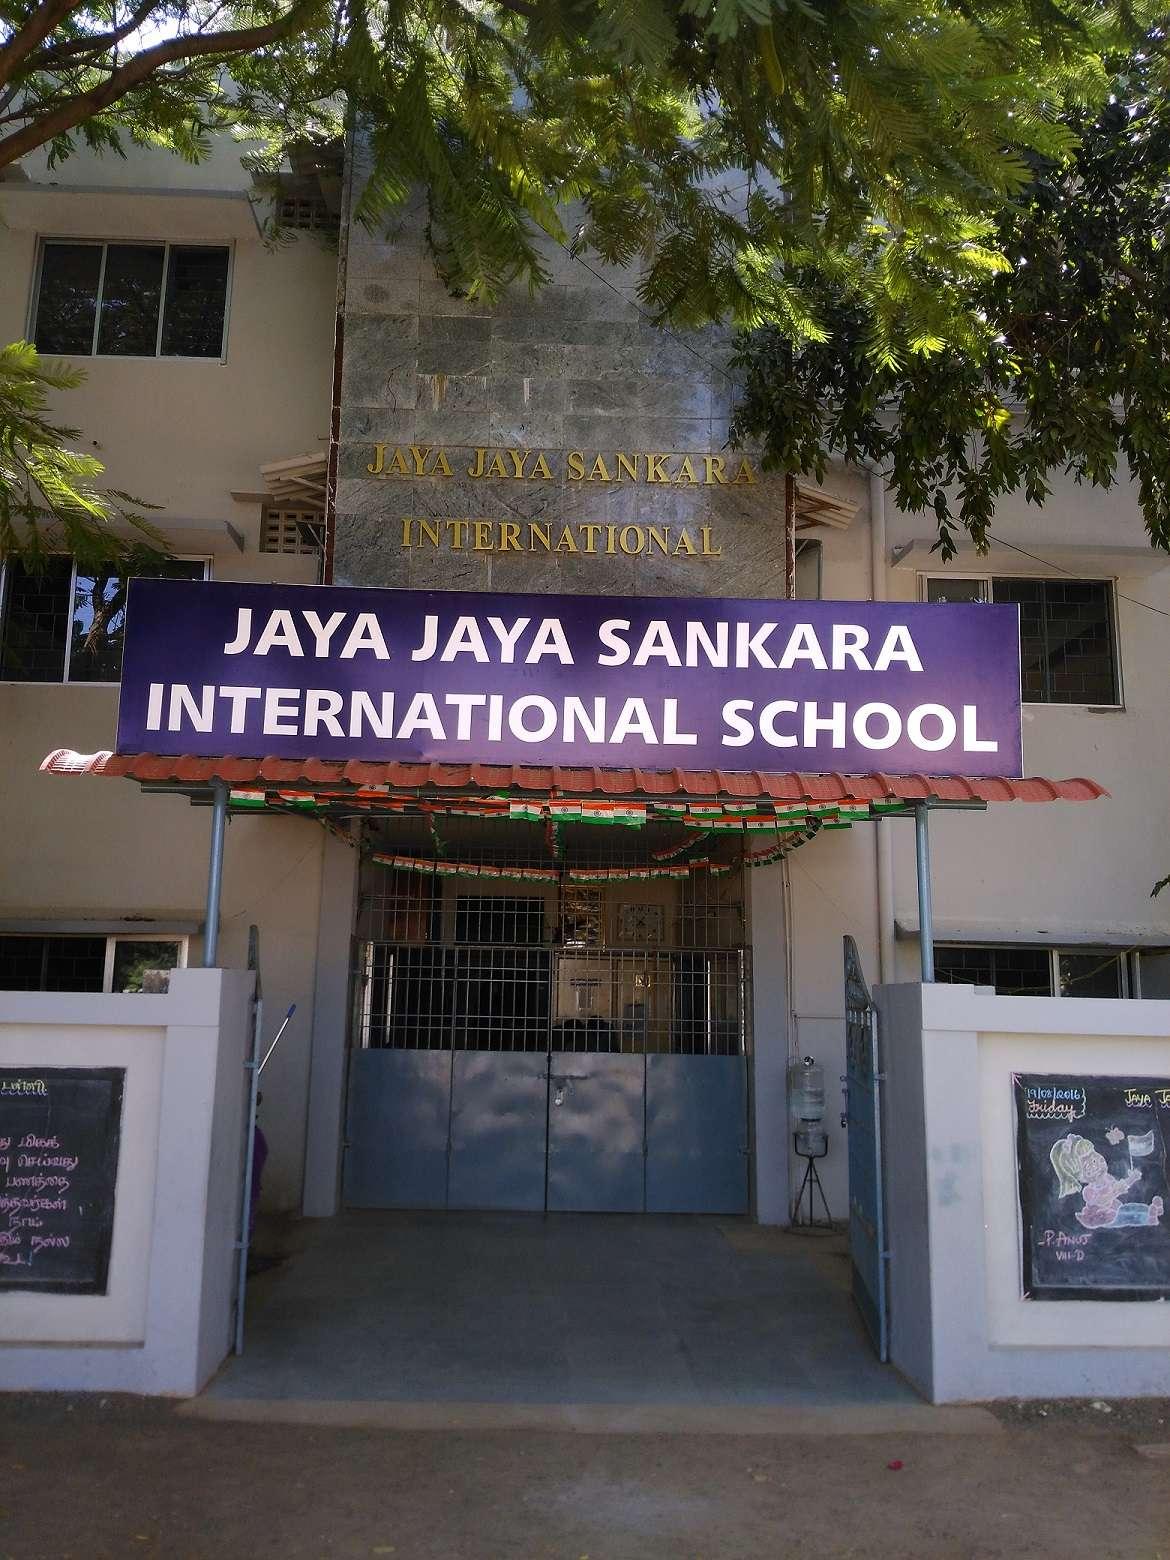 JAYA JAYA SANKARA INT SCHOOL 4 295 CHENNAI BANGLORE HIGH NAZARATHPET CHENNAI TAMIL NADU 1930178